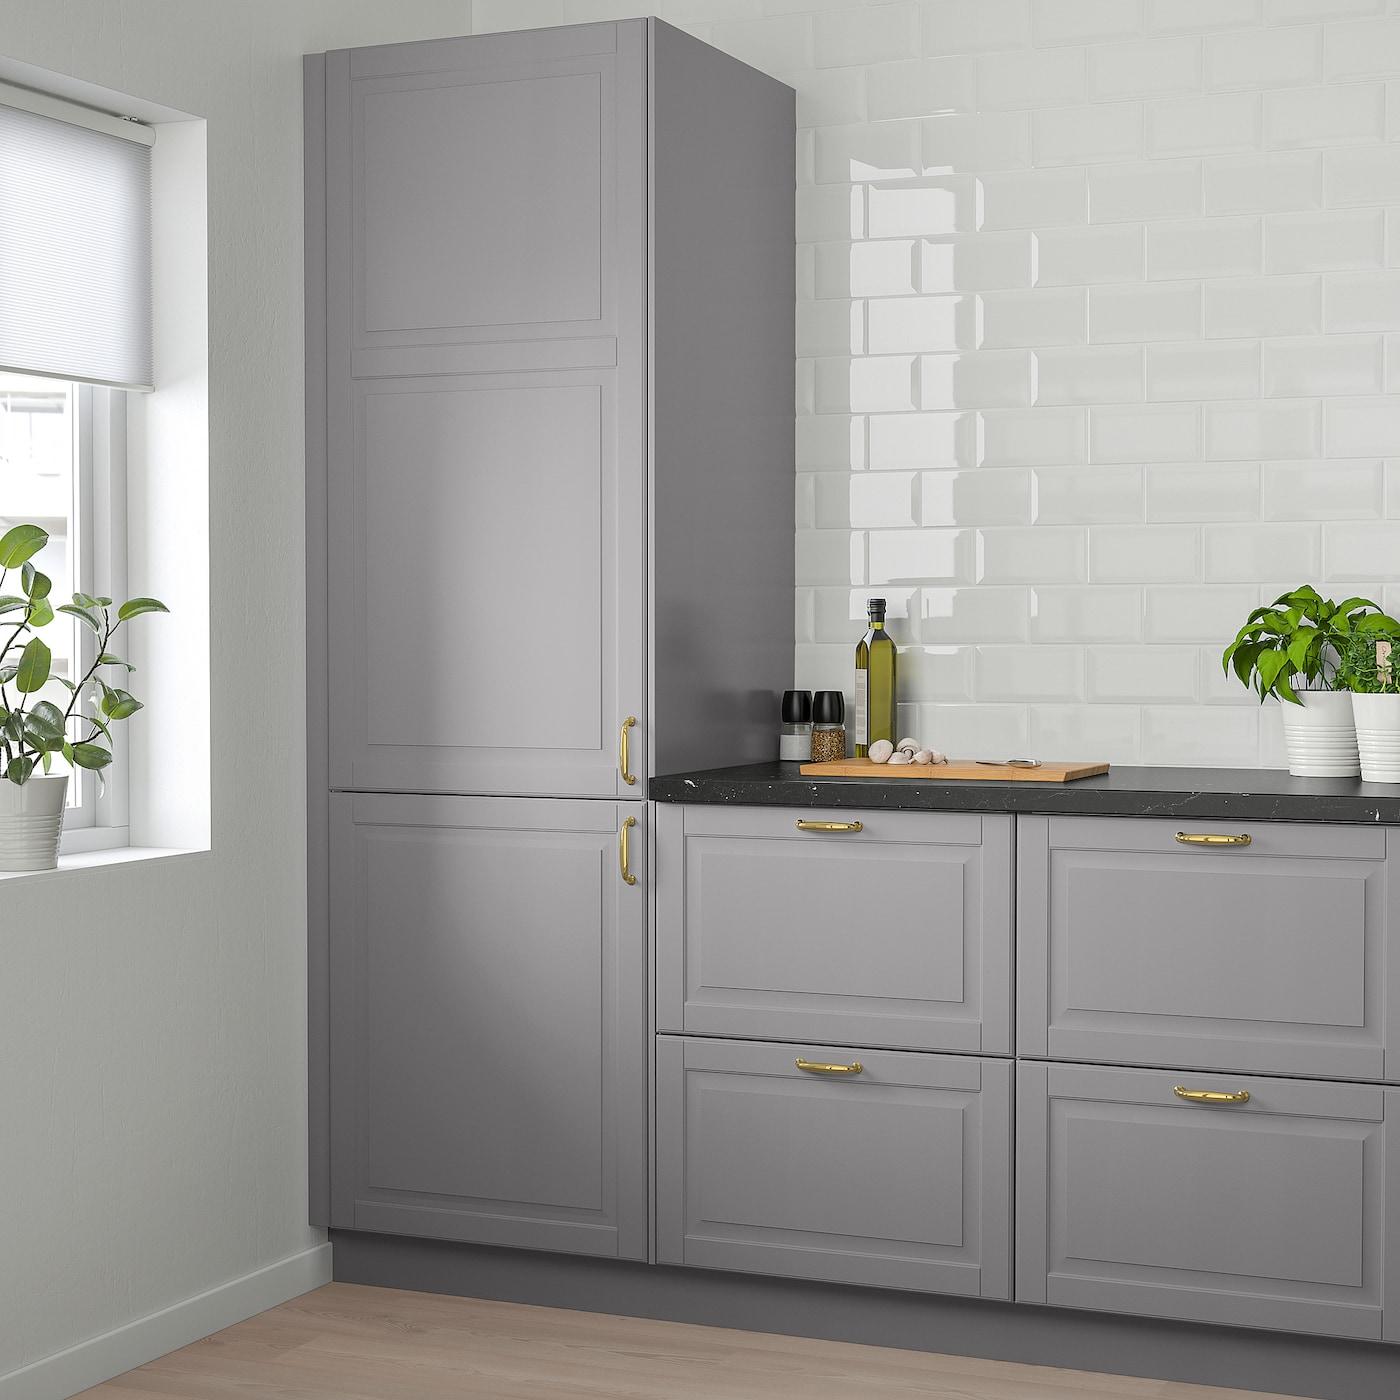 Bodbyn Door Gray 18x30 Ikea